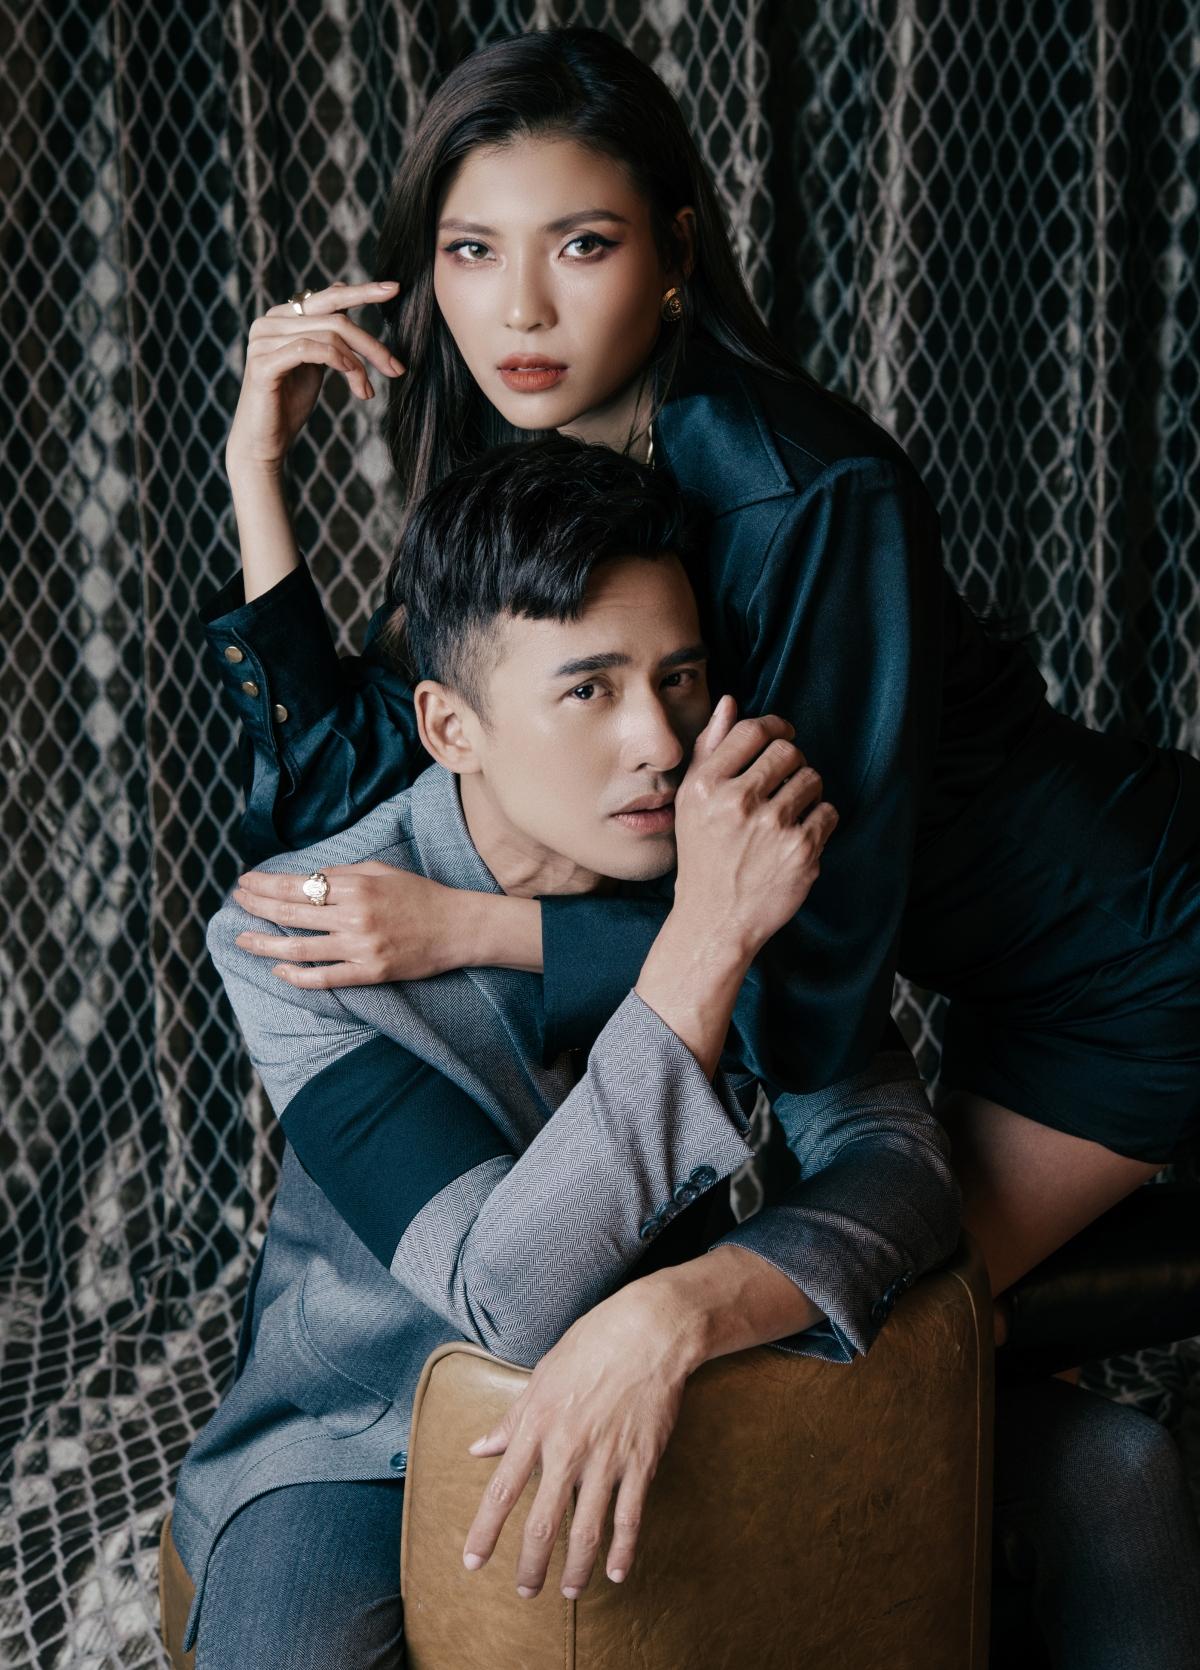 Ngoài việc tham gia các hoạt động phim ảnh, vợ chồng Lương Thế Thành - Thúy Diễm còn chuẩn bị thử sức ở lĩnh vực kinh doanh trong thời gian tới.